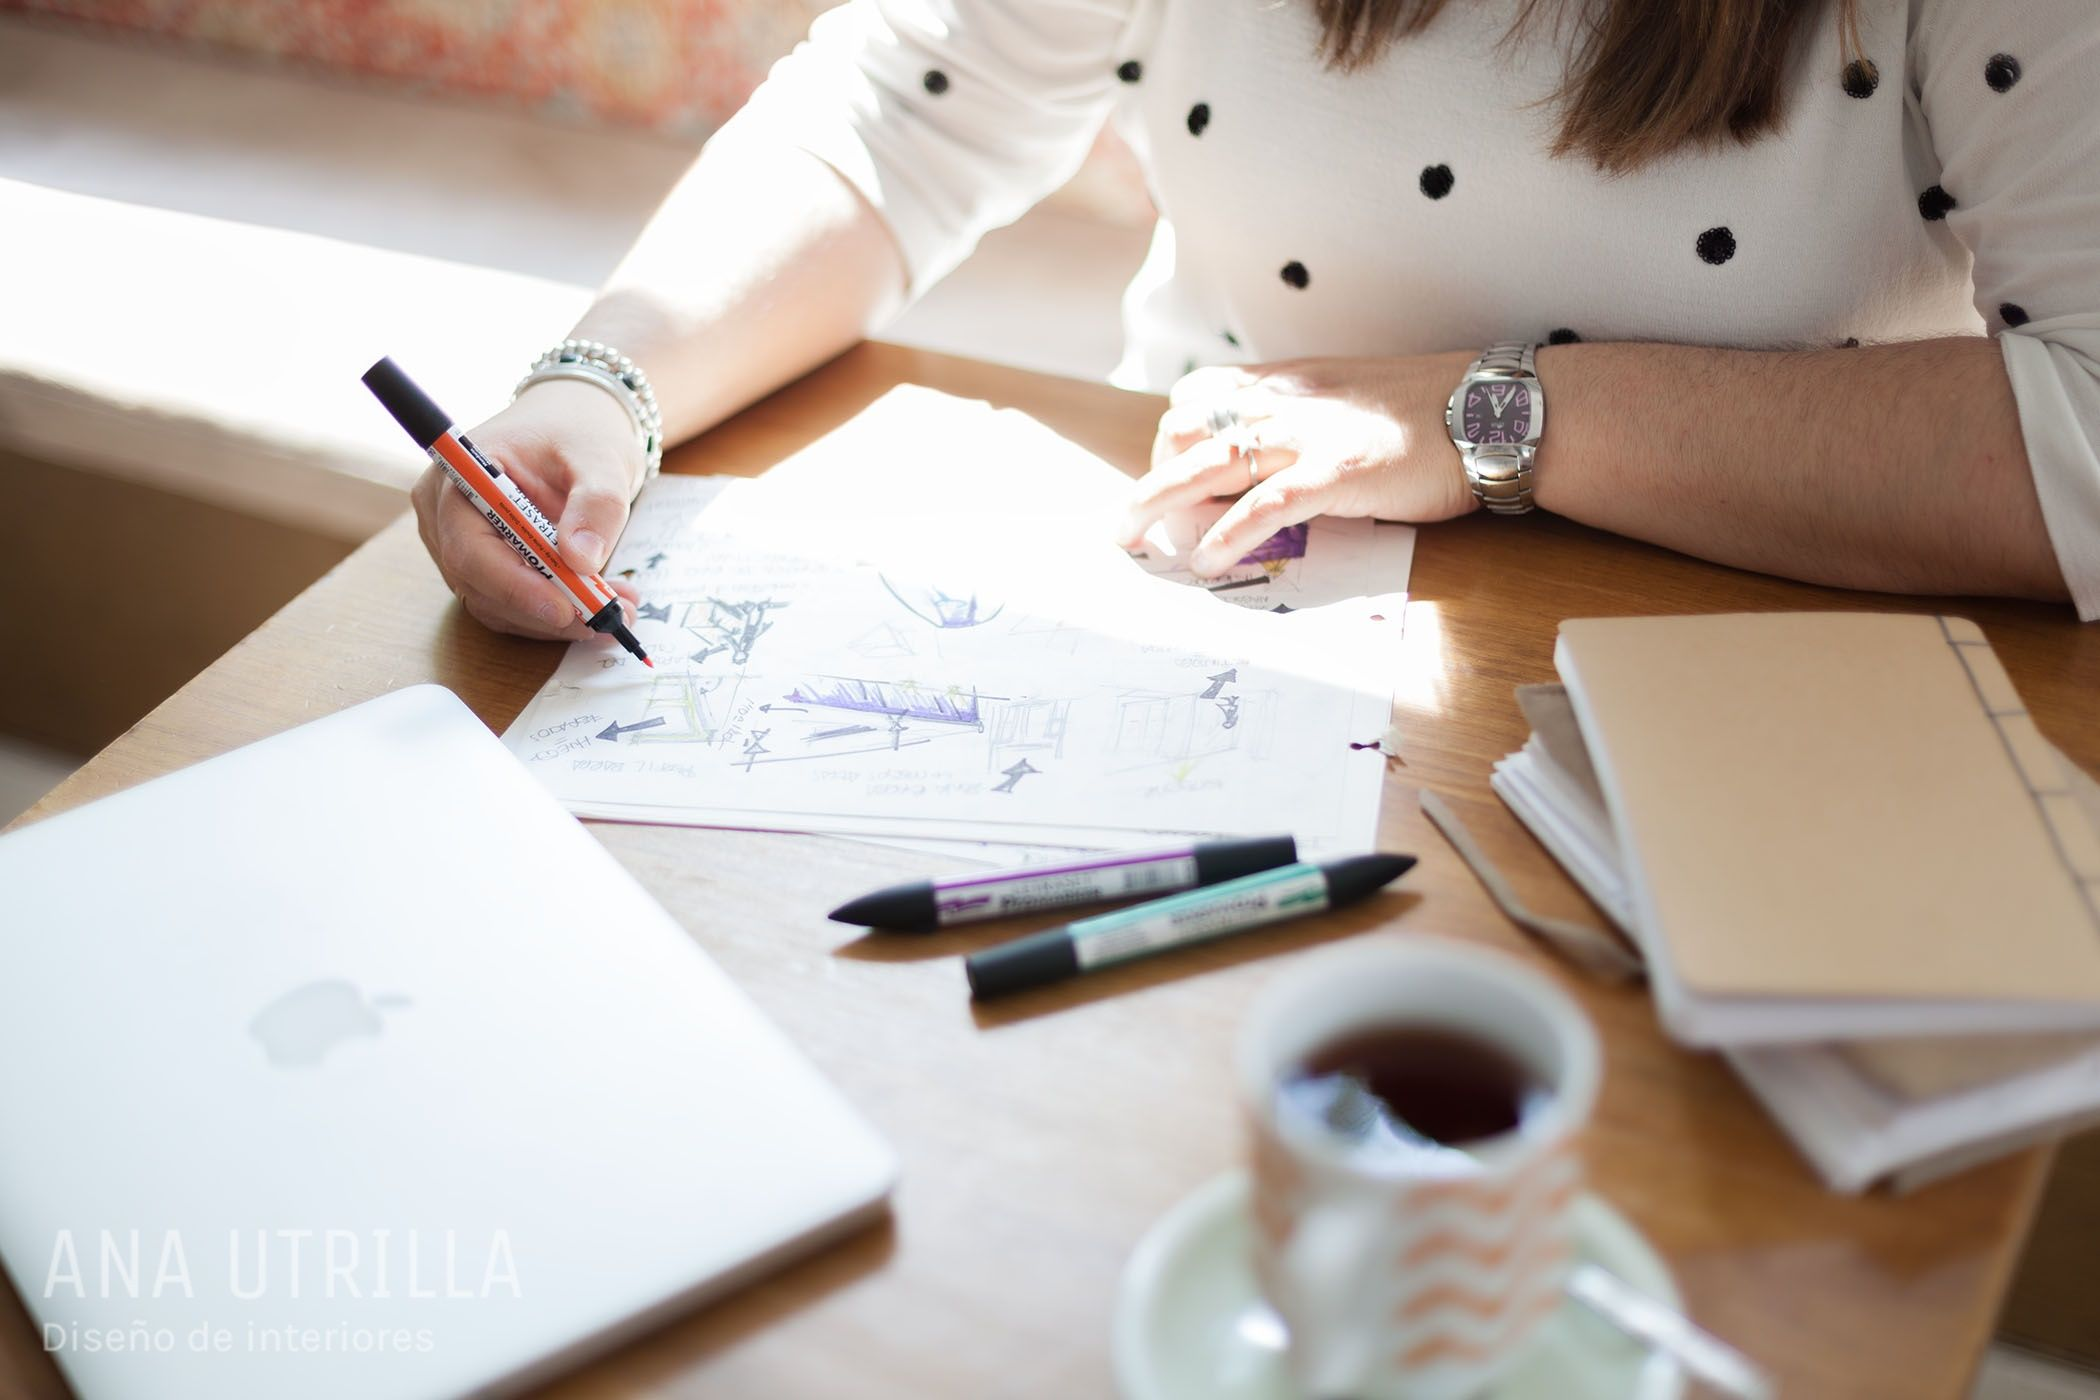 Ana Utrilla diseñadora de interiores online, ayudo a personas sin tiempo sobrepasadas con su reforma o decoración, que han identificado el potencial que tienes su casa, a sacar el máximo partido de ésta, proyectando así el ideal de hogar en el ellas desean vivir. @utrillanais